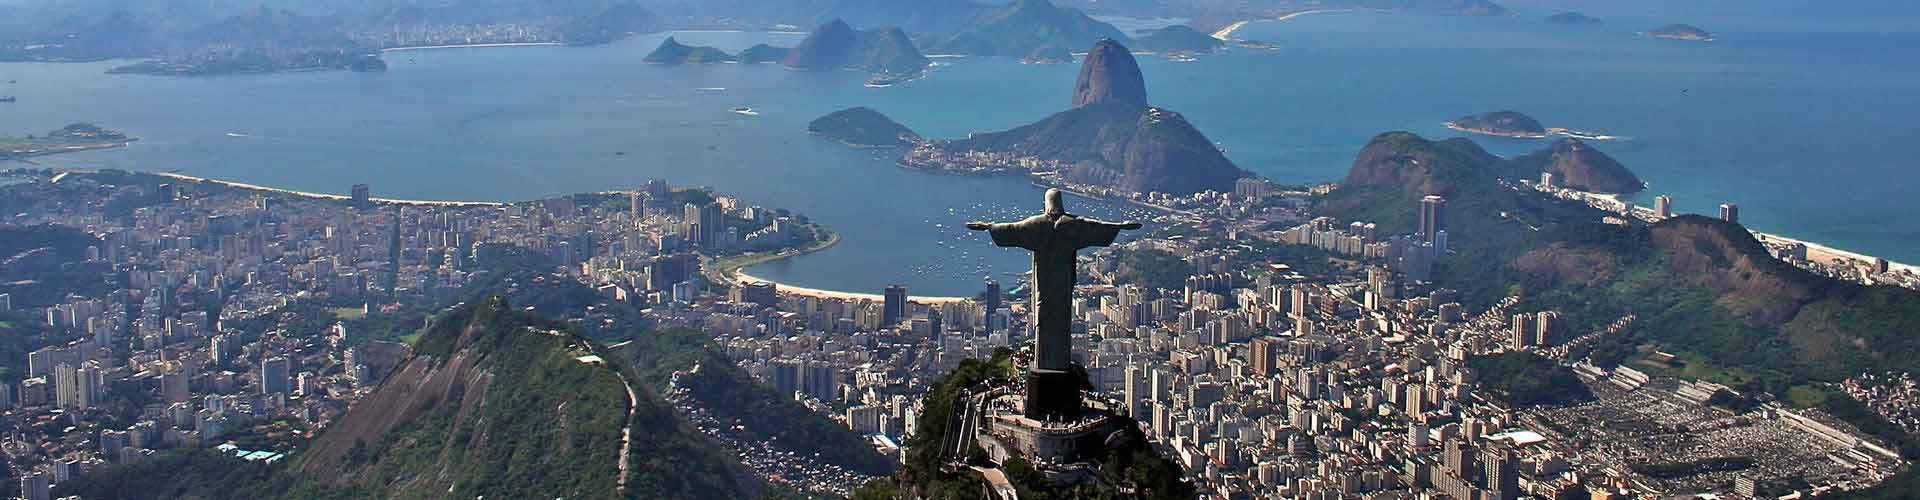 Río de Janeiro - Albergues Juveniles en Río de Janeiro. Mapas de Río de Janeiro, Fotos y Comentarios para cada Albergue Juvenil en Río de Janeiro.